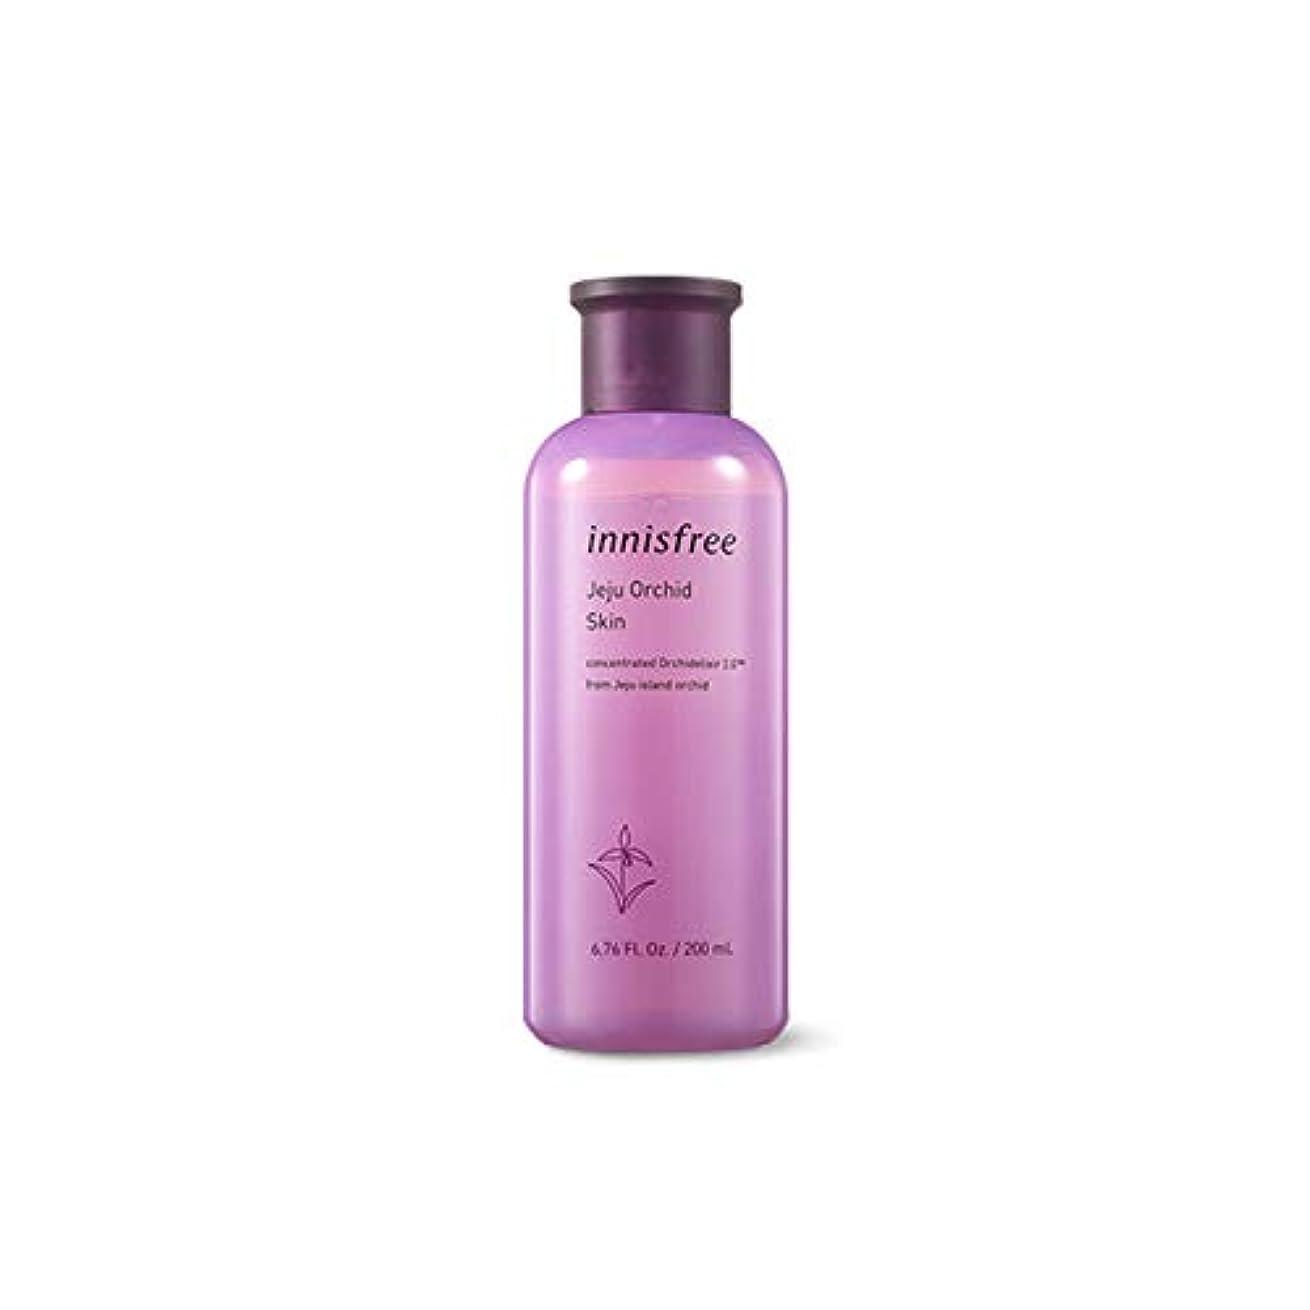 延ばすボット重力[イニスプリー]Innisfree 寒暖スキン(200ml) 新商品入荷 Innisfree Orchid Skin (200ml) New Arrival [海外直送品]